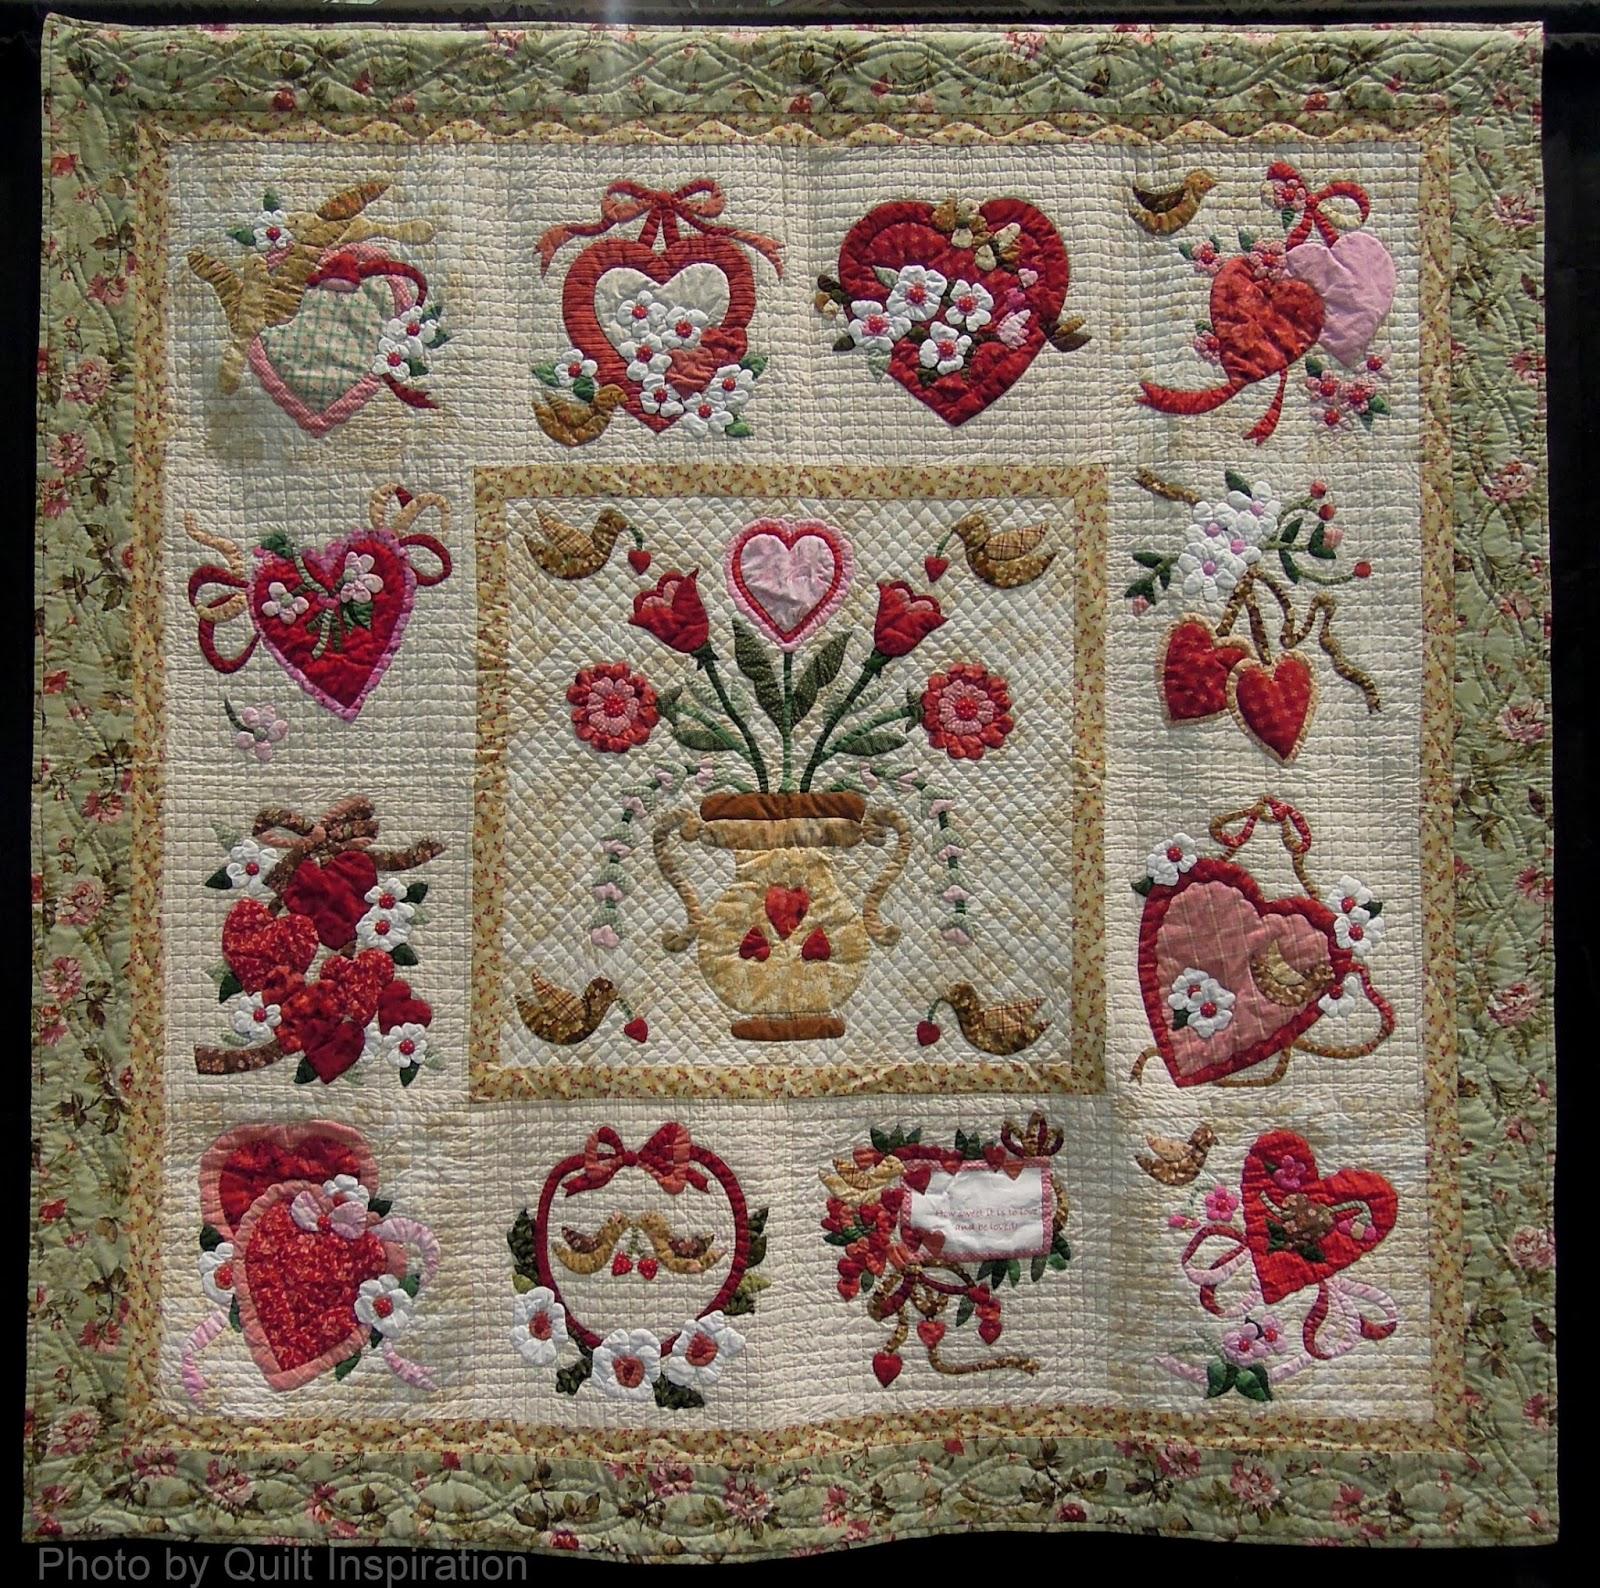 Happy Valentine S Day Quilt Inspiration Bloglovin